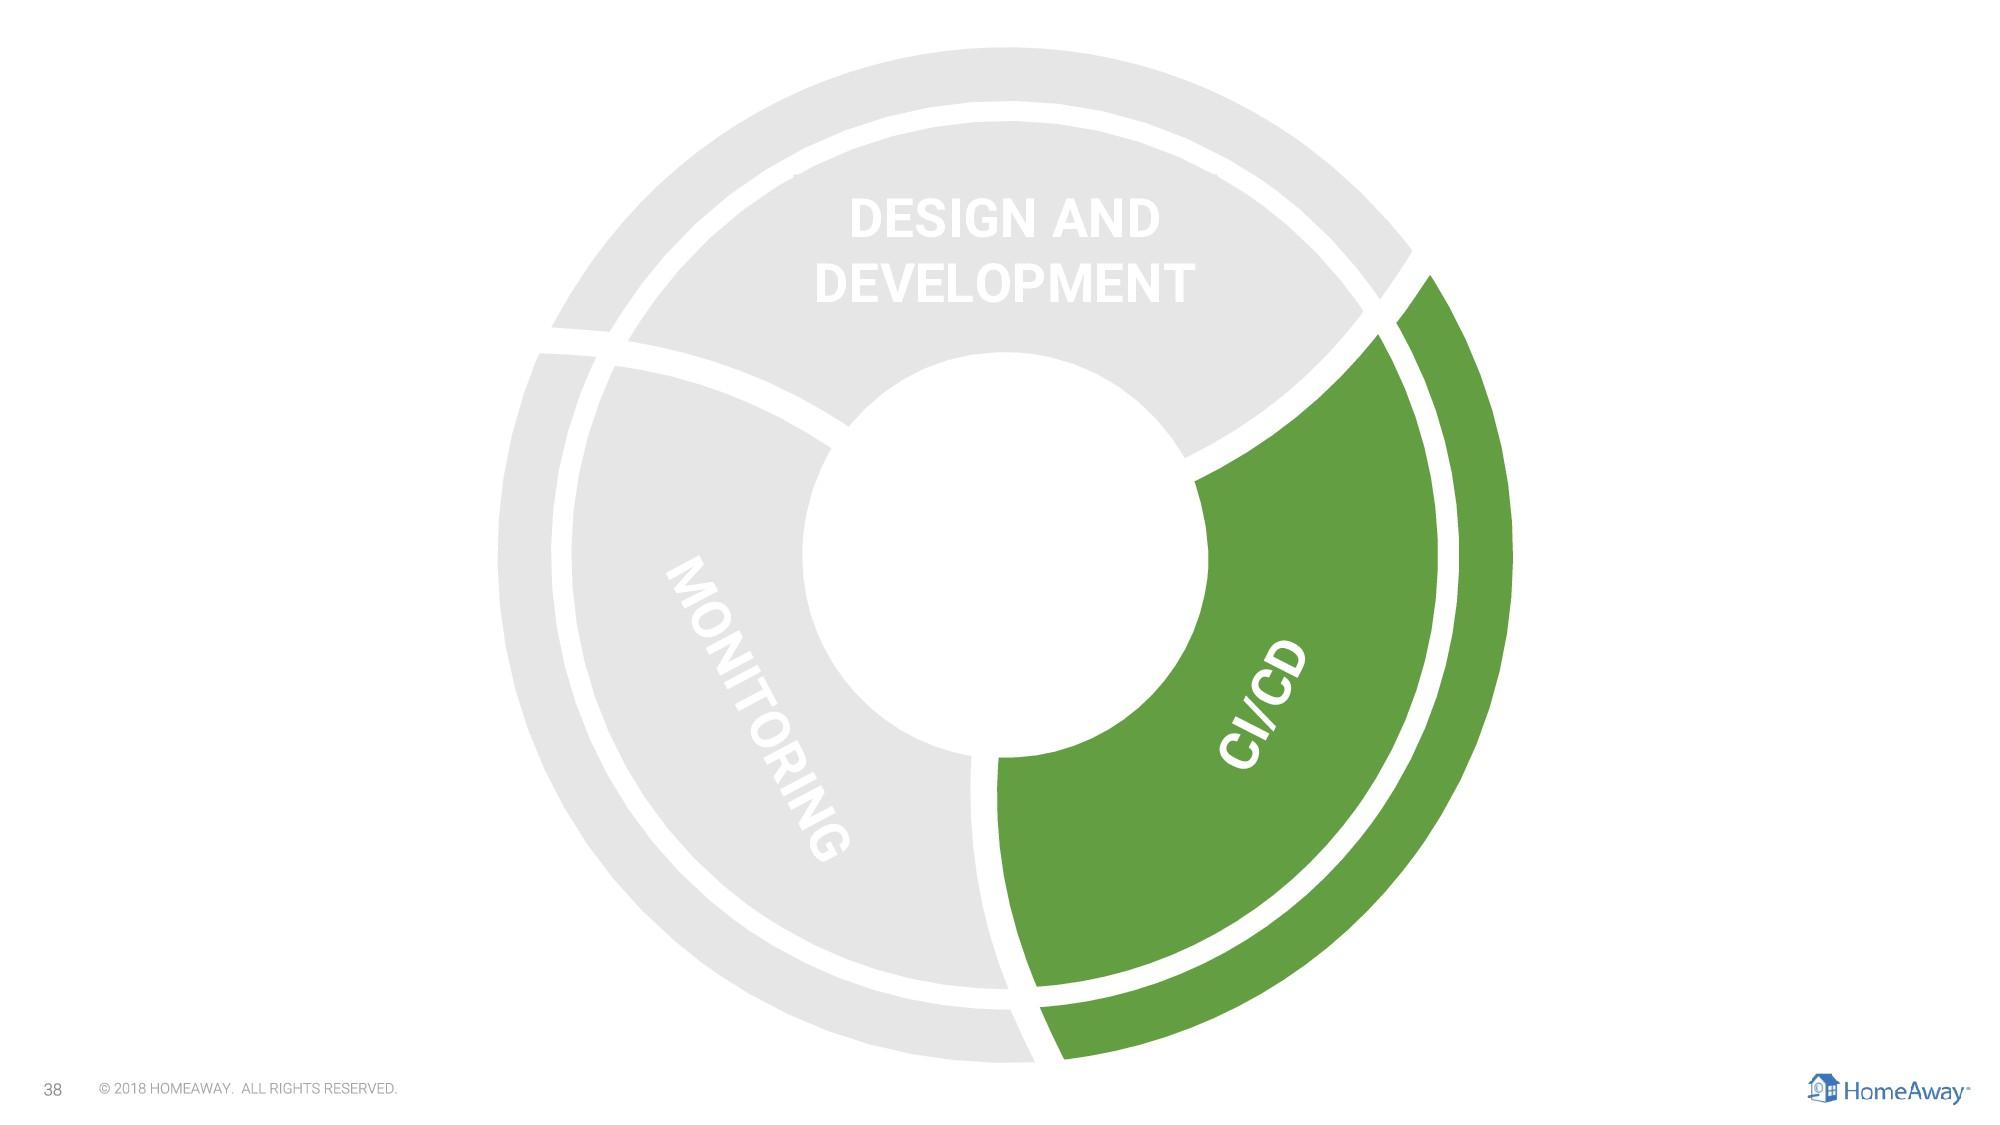 CI/CD DESIGN AND DEVELOPMENT MONITORING